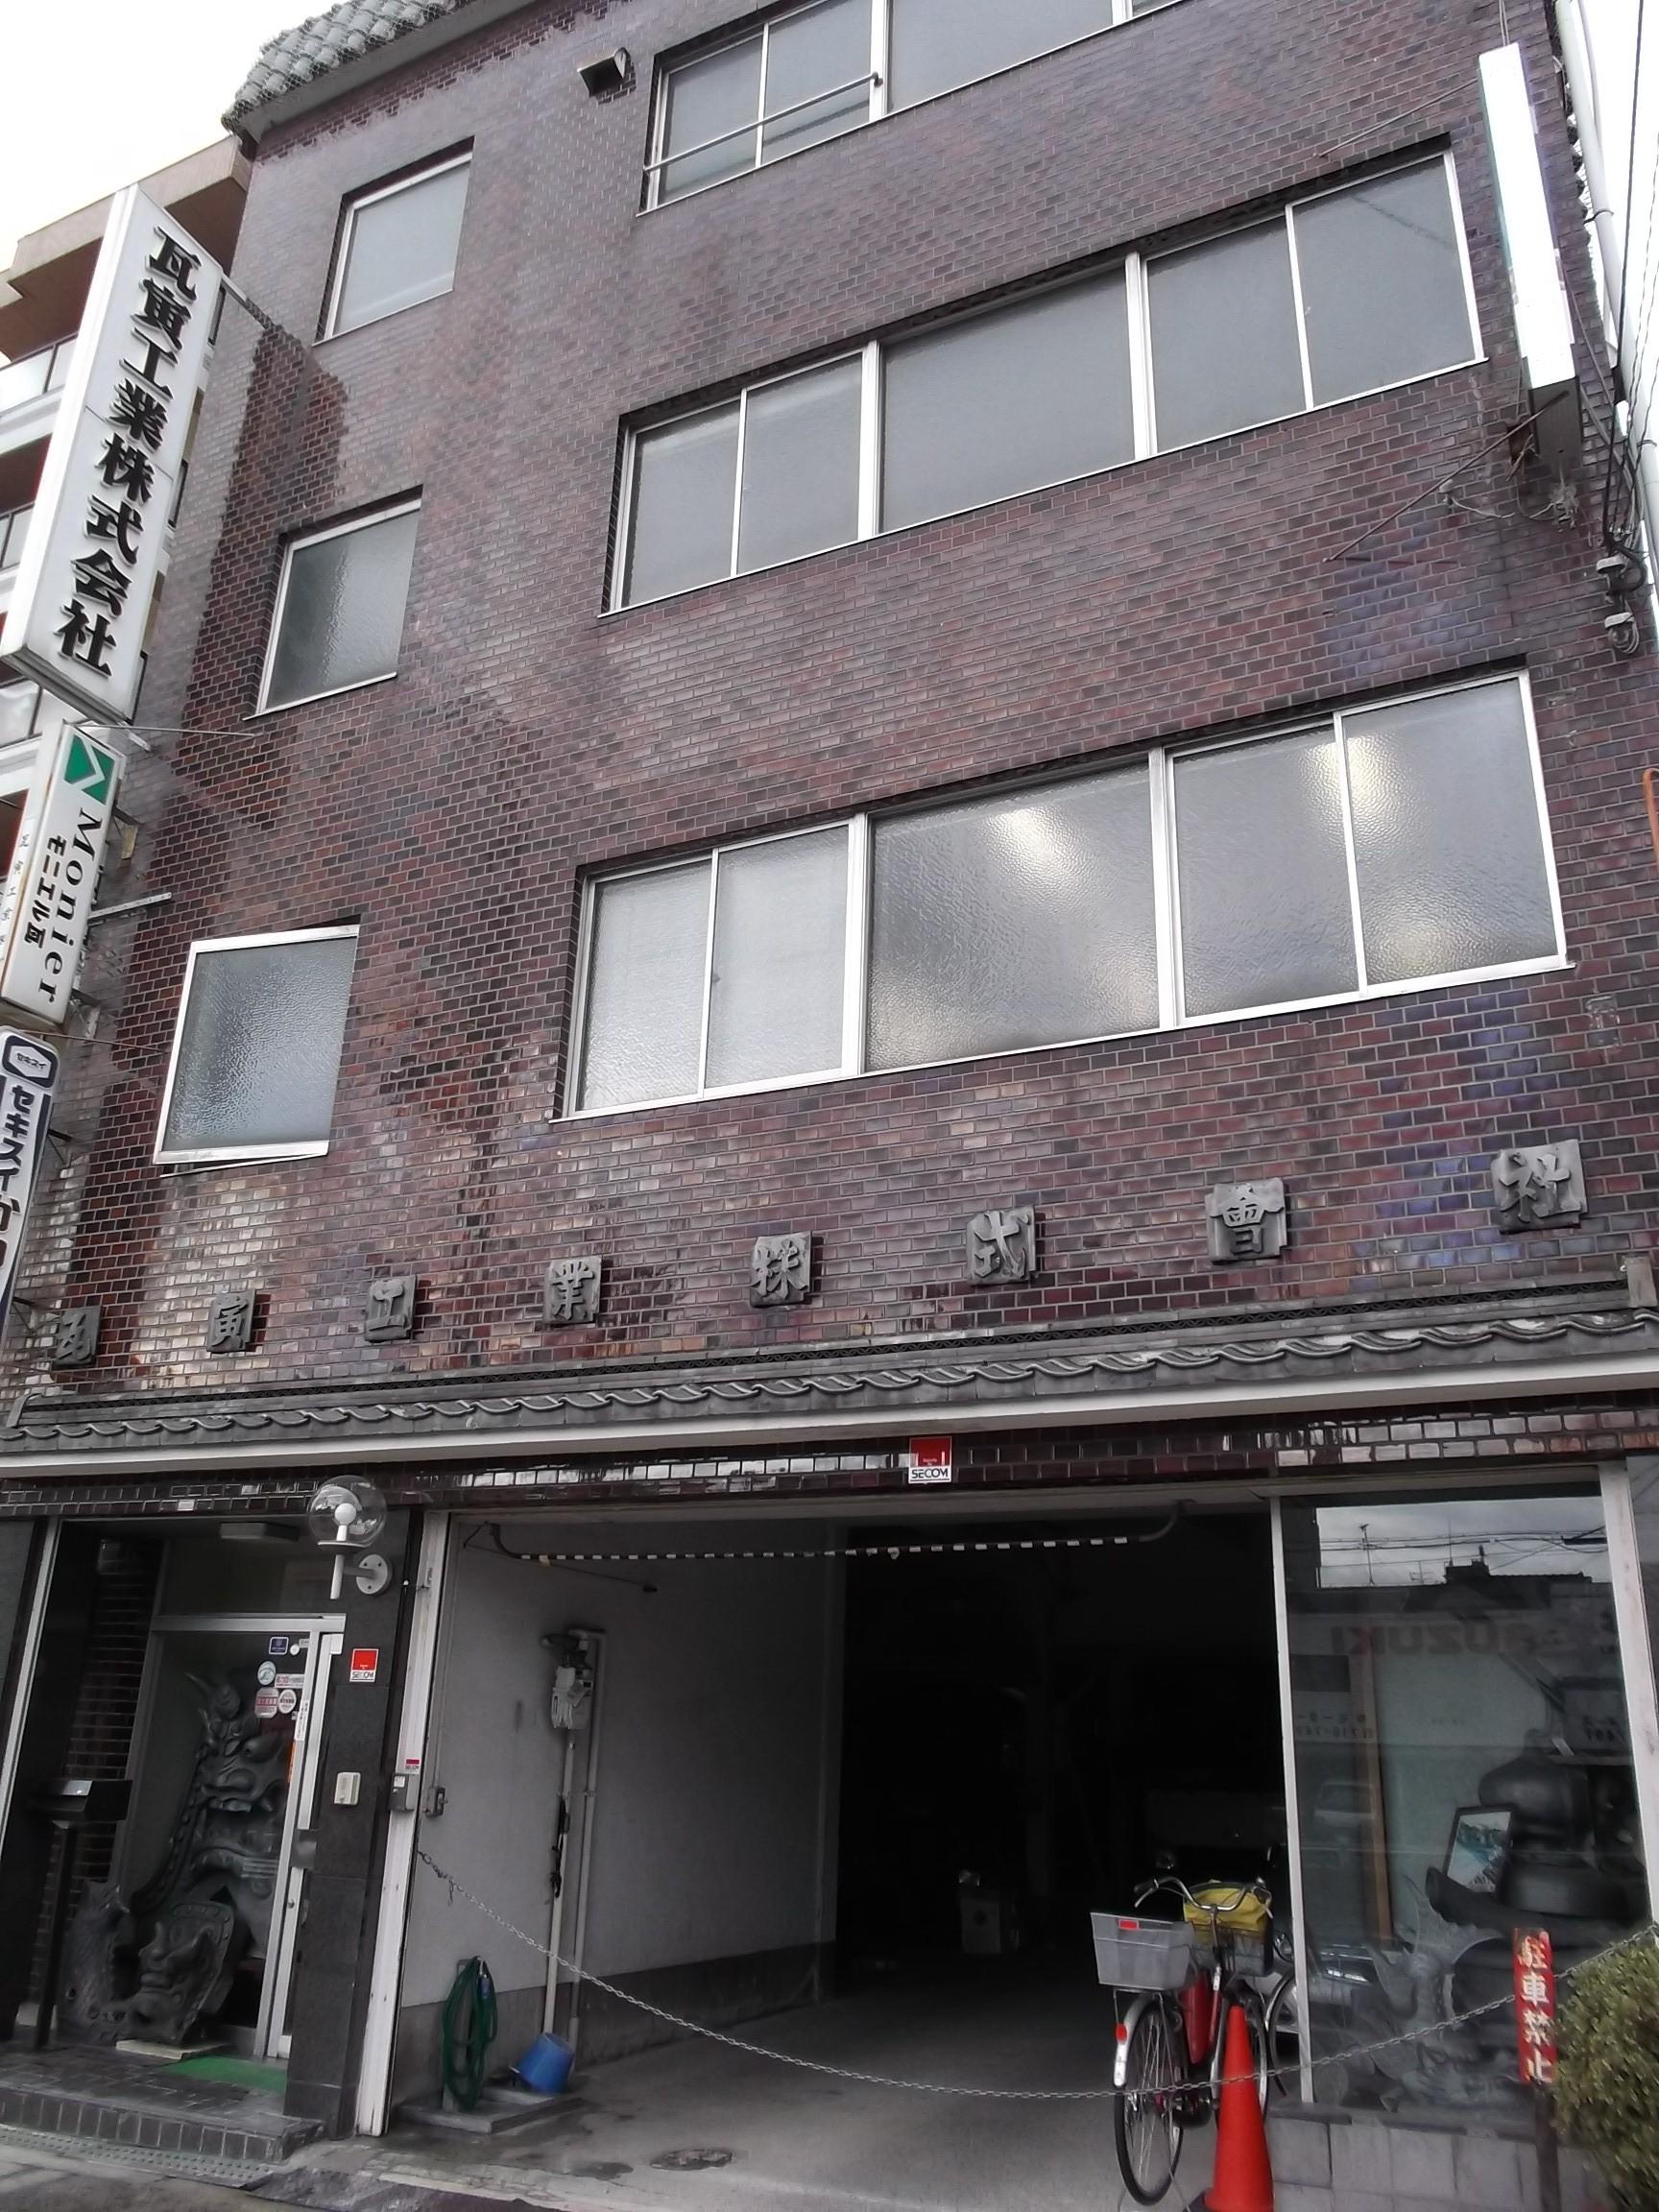 屋根の仕事をして100年になります。大阪の屋根業者です。